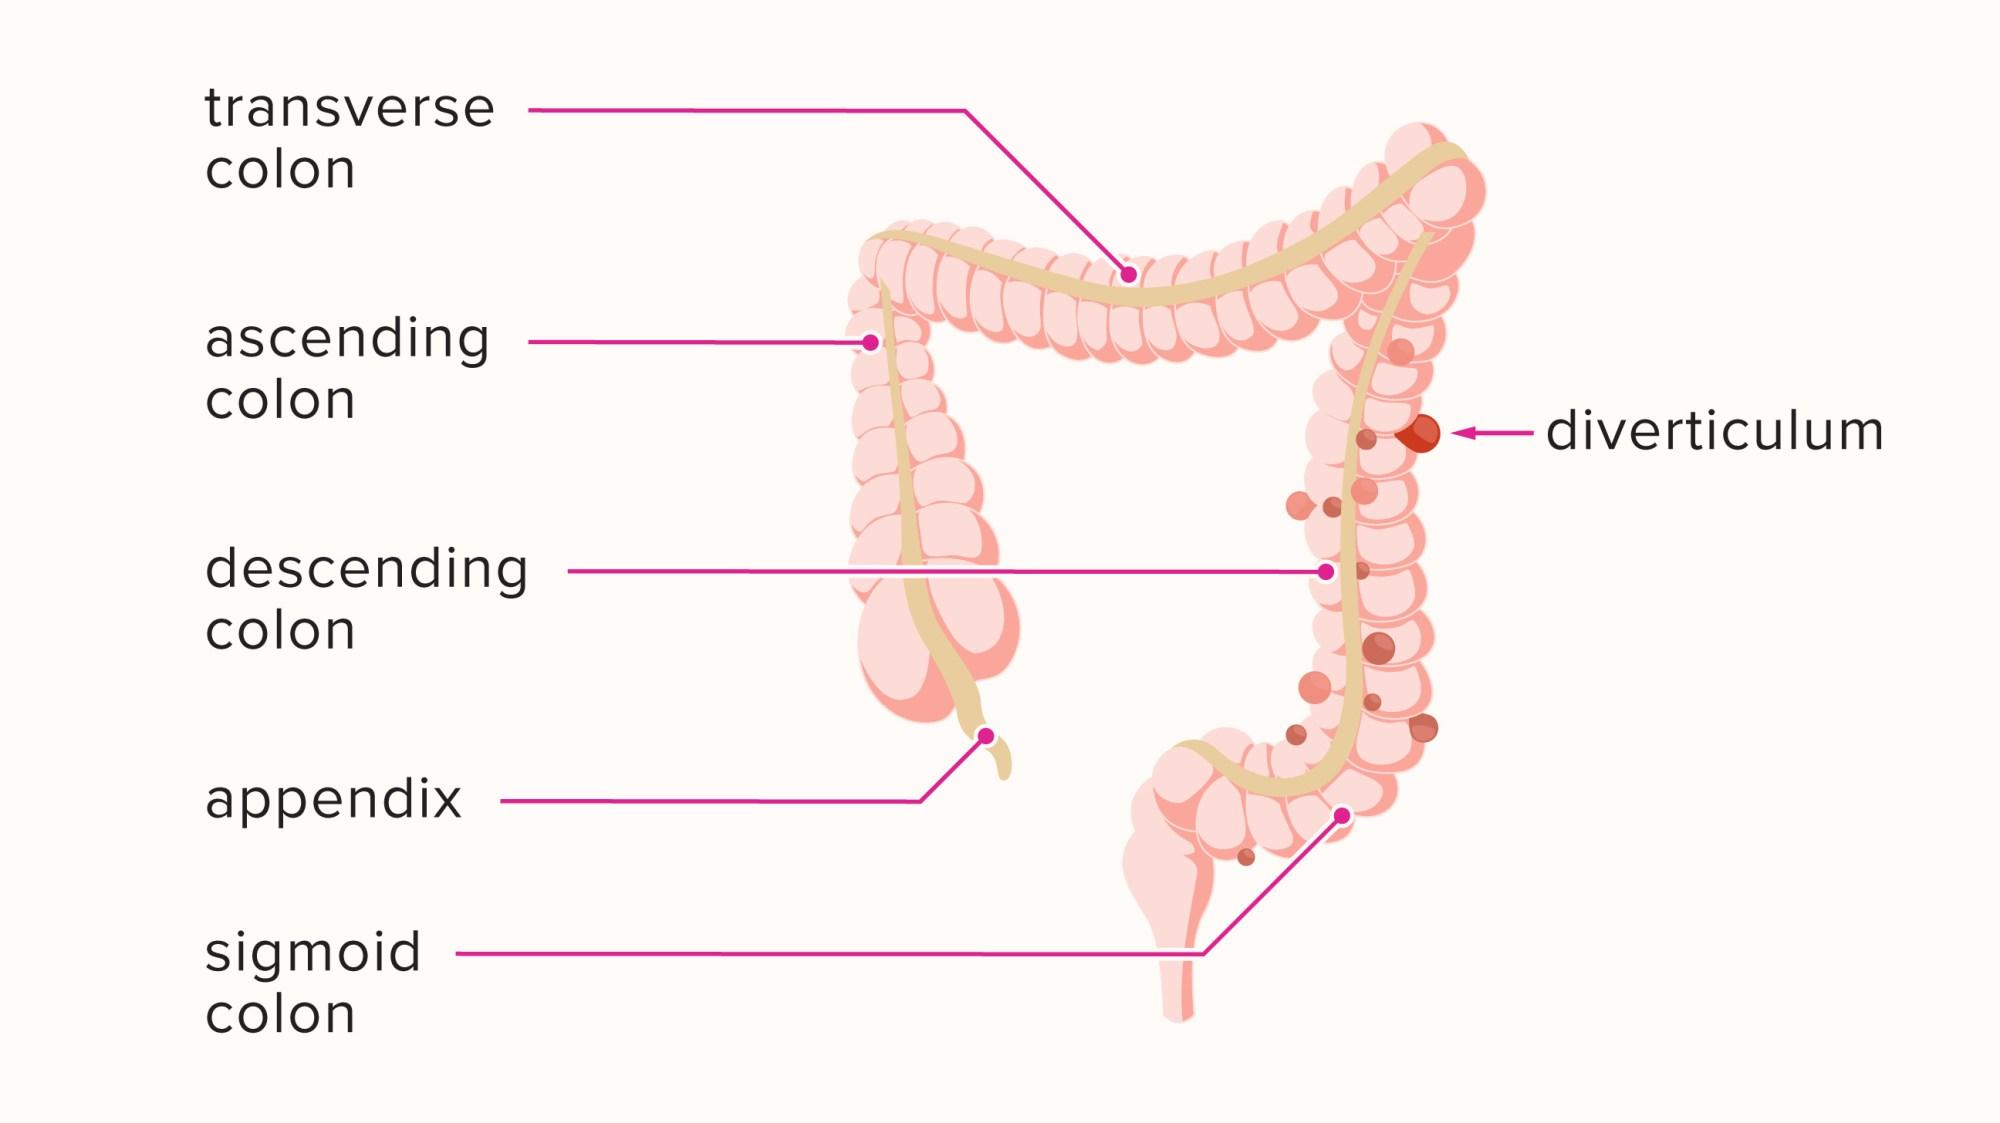 hight resolution of diagram of diverticulum